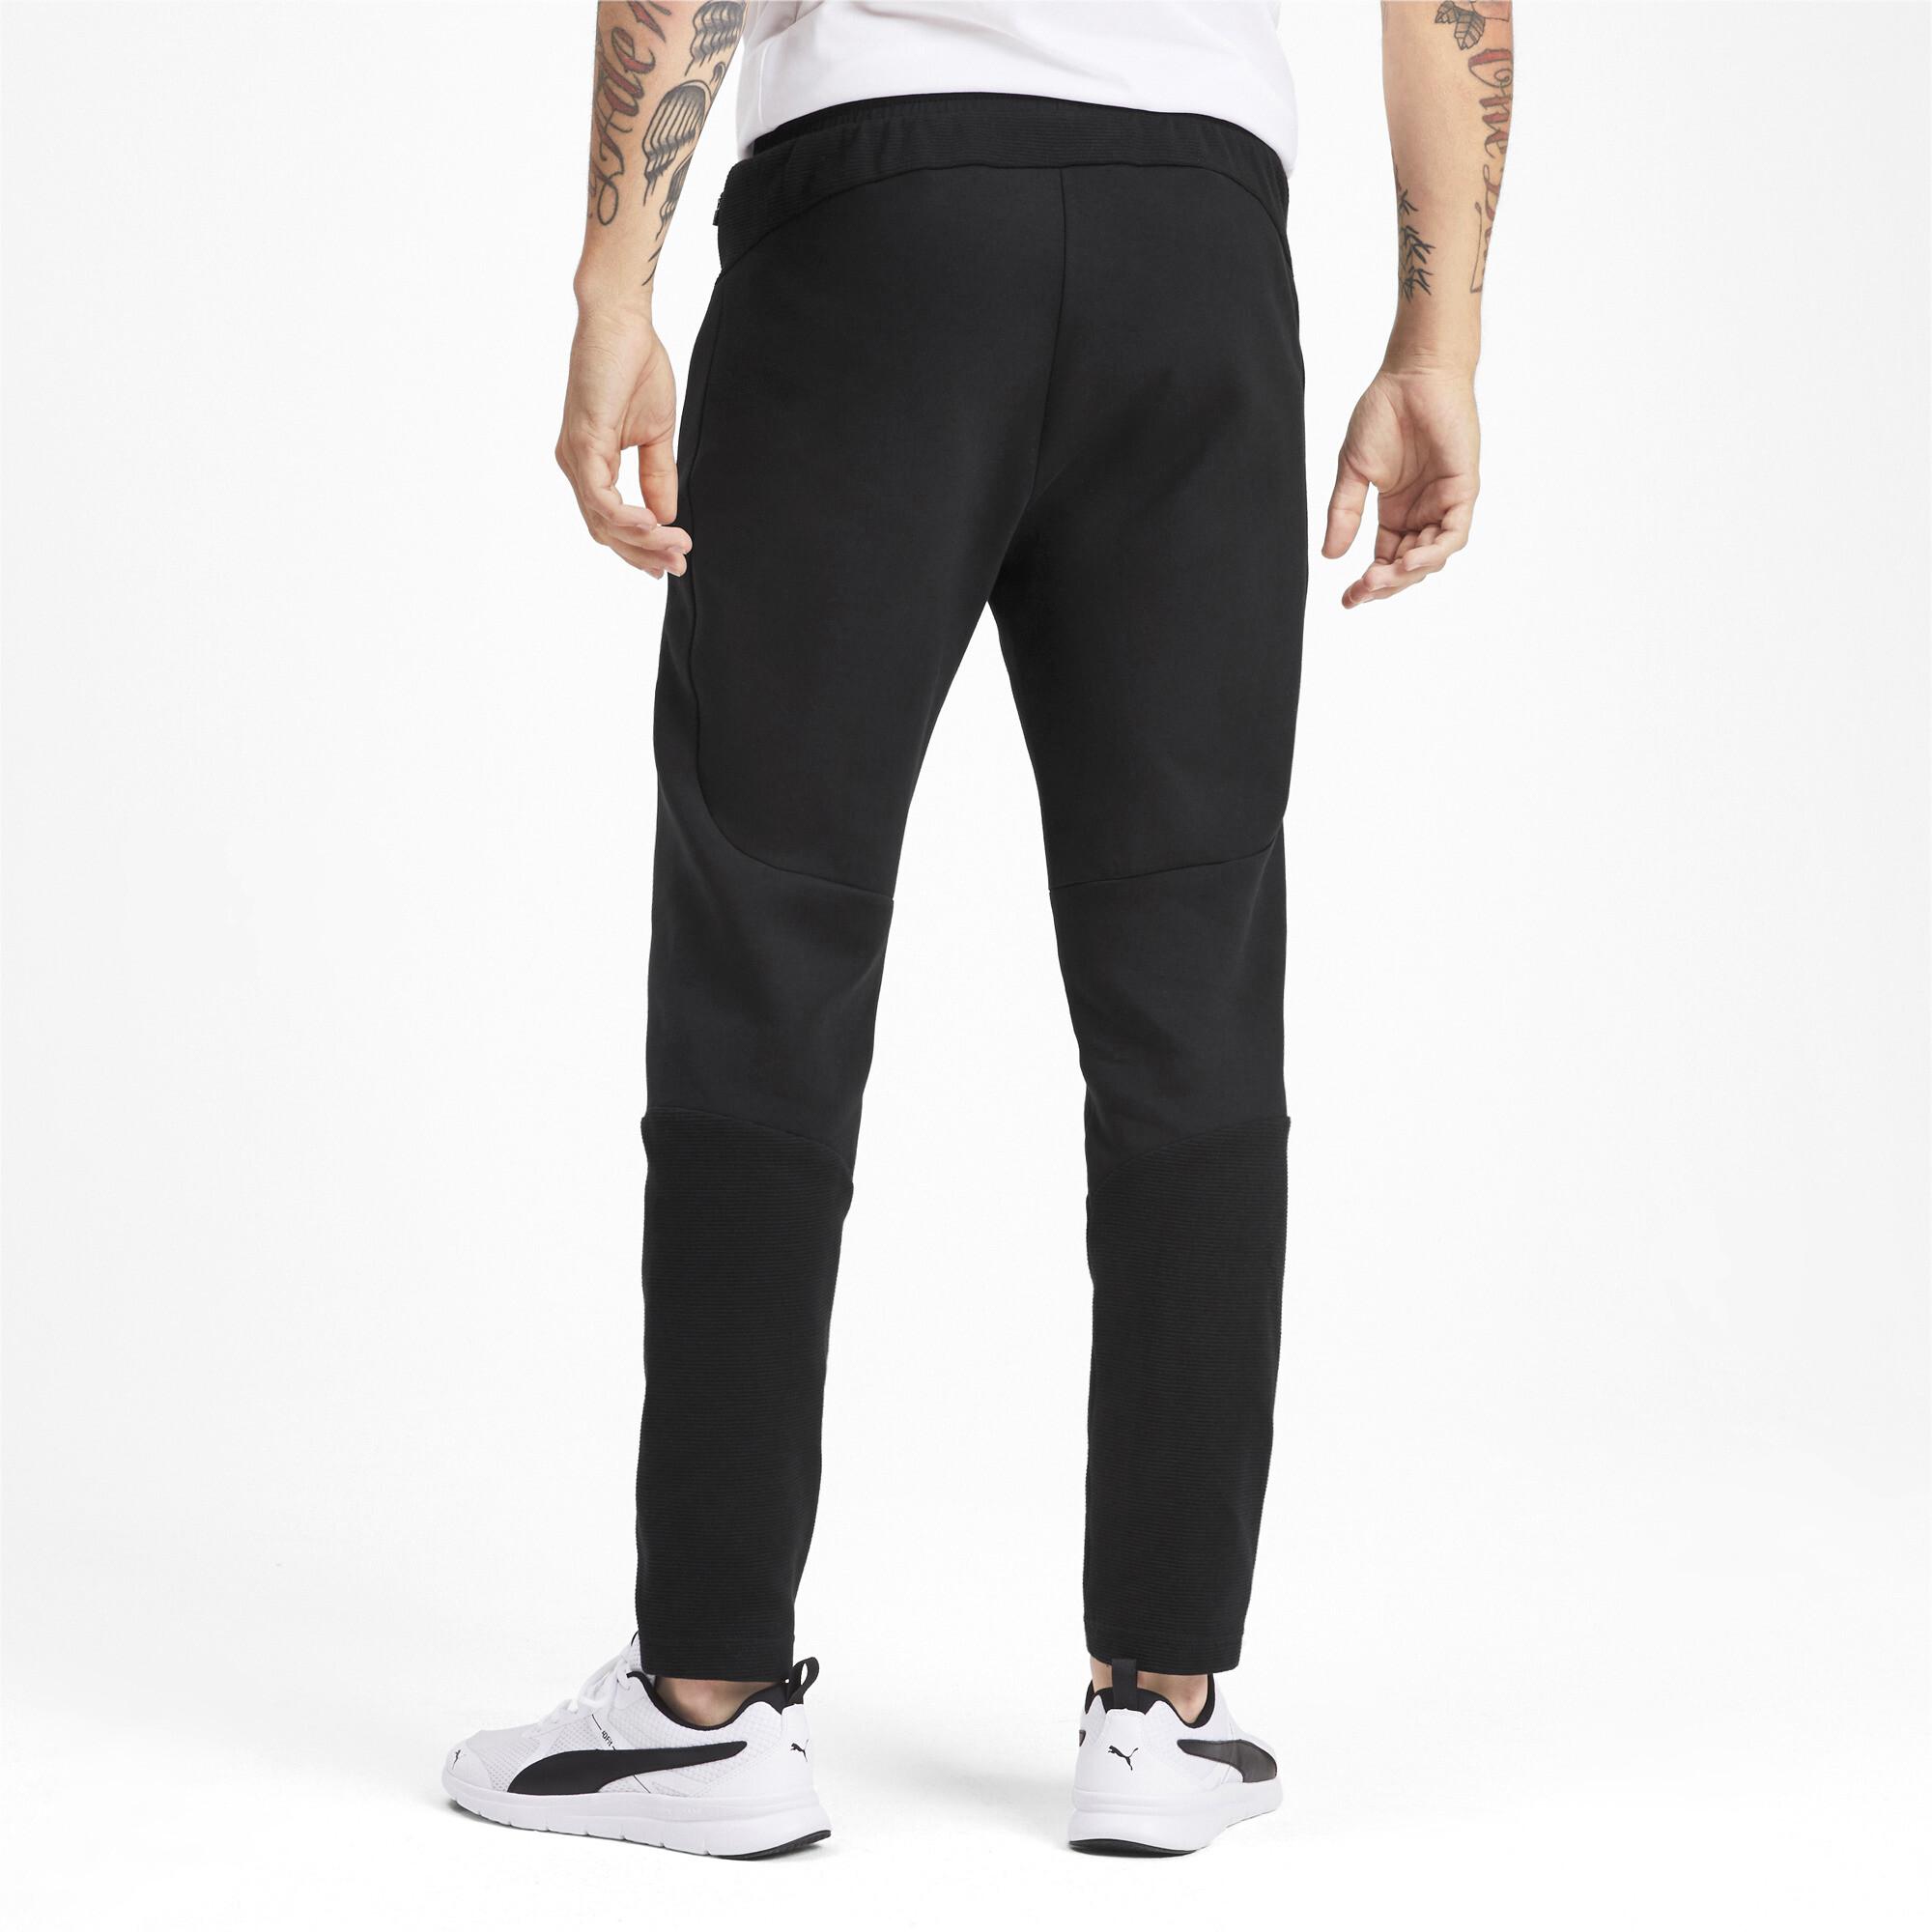 PUMA-Evostripe-Men-039-s-Pants-Men-Knitted-Pants-Basics thumbnail 10